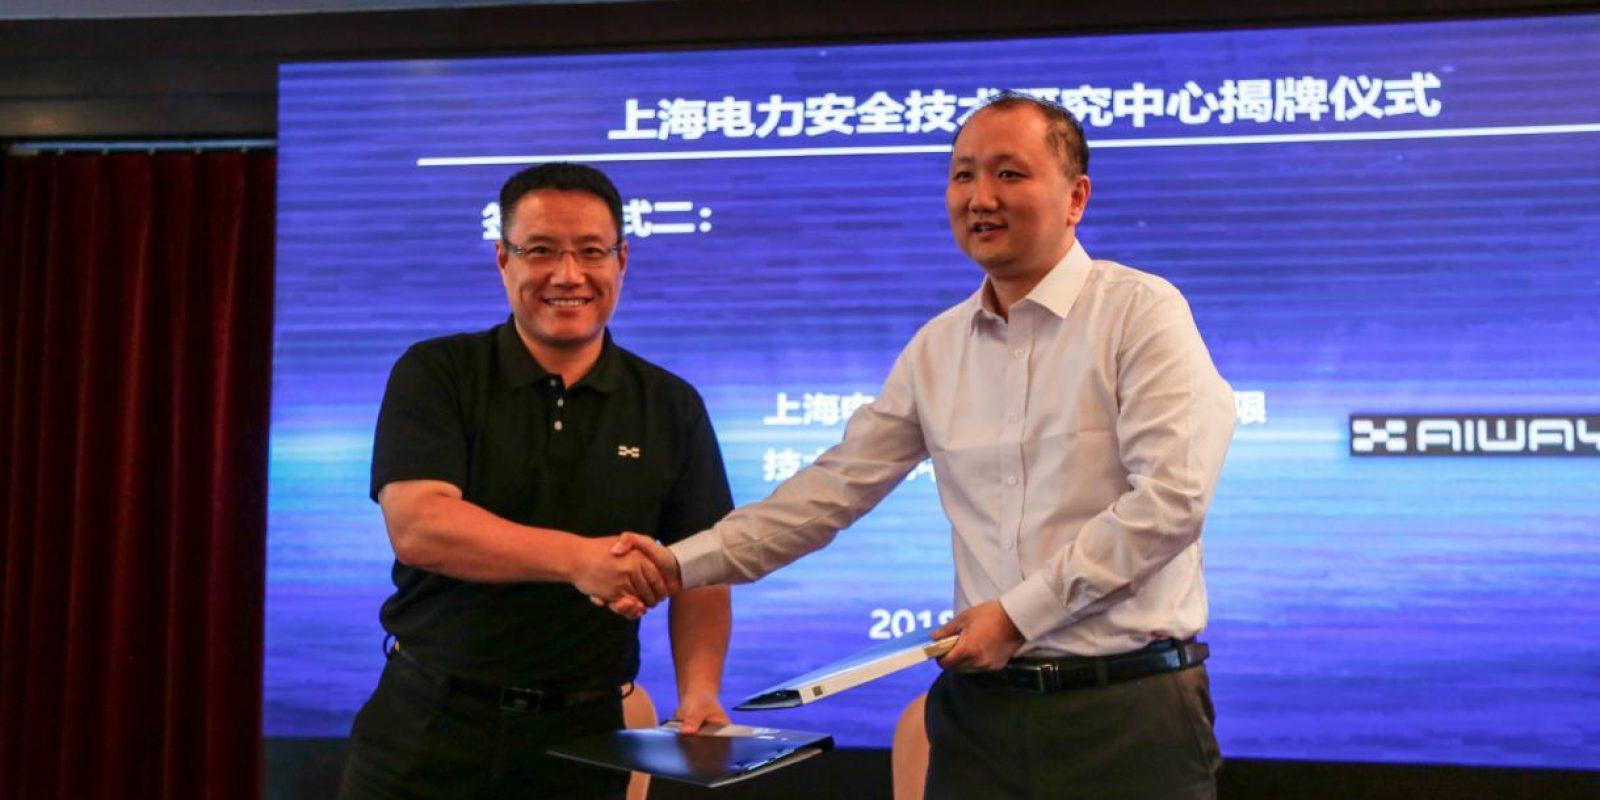 上海电力安全技术研究中心与爱驰汽车有限公司签署合作协议